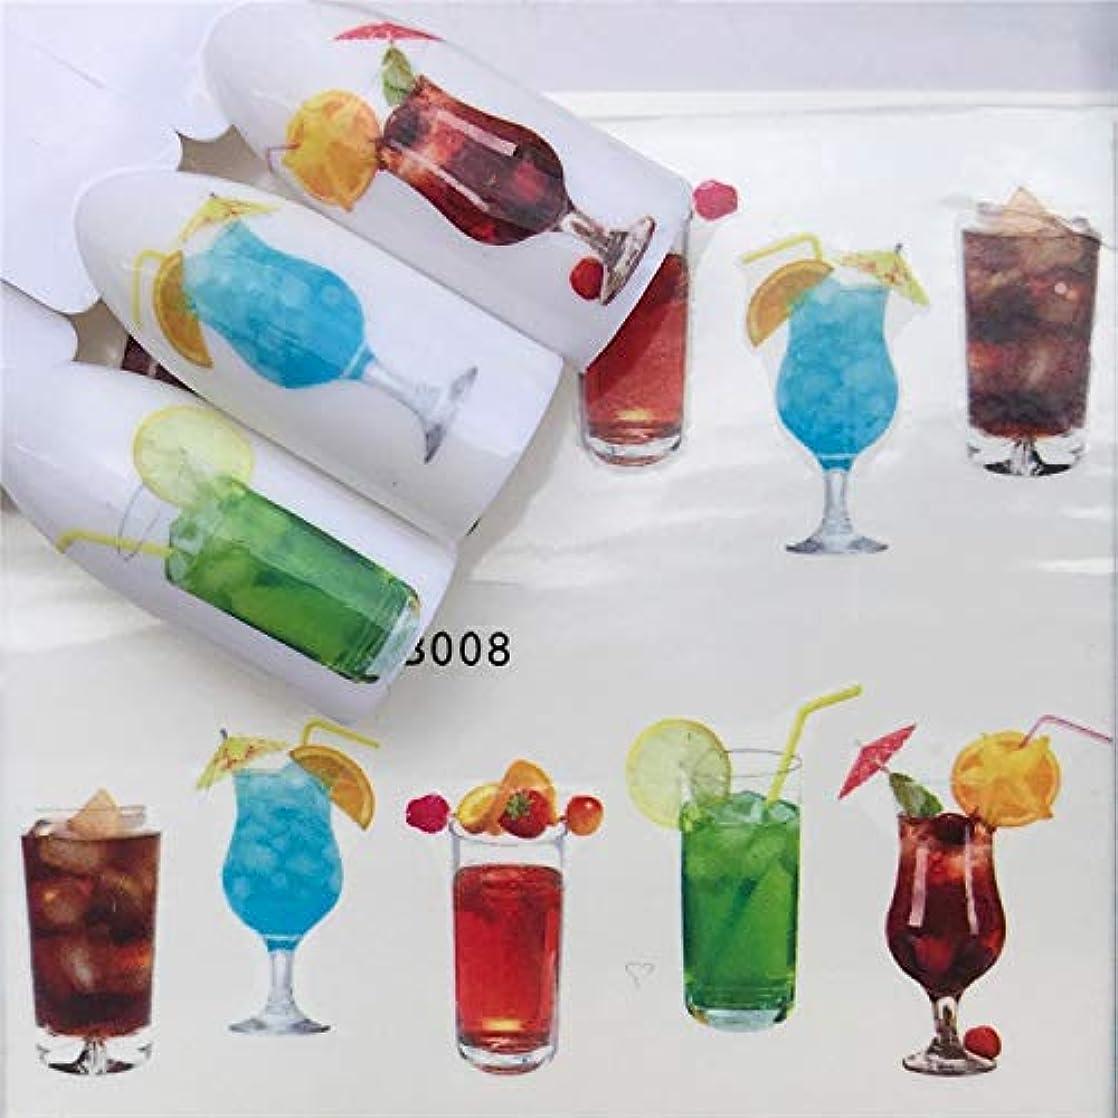 ビューティー&パーソナルケア 3個ネイルステッカーセットデカール水転写スライダーネイルアートデコレーション、色:YZWB008 ステッカー&デカール